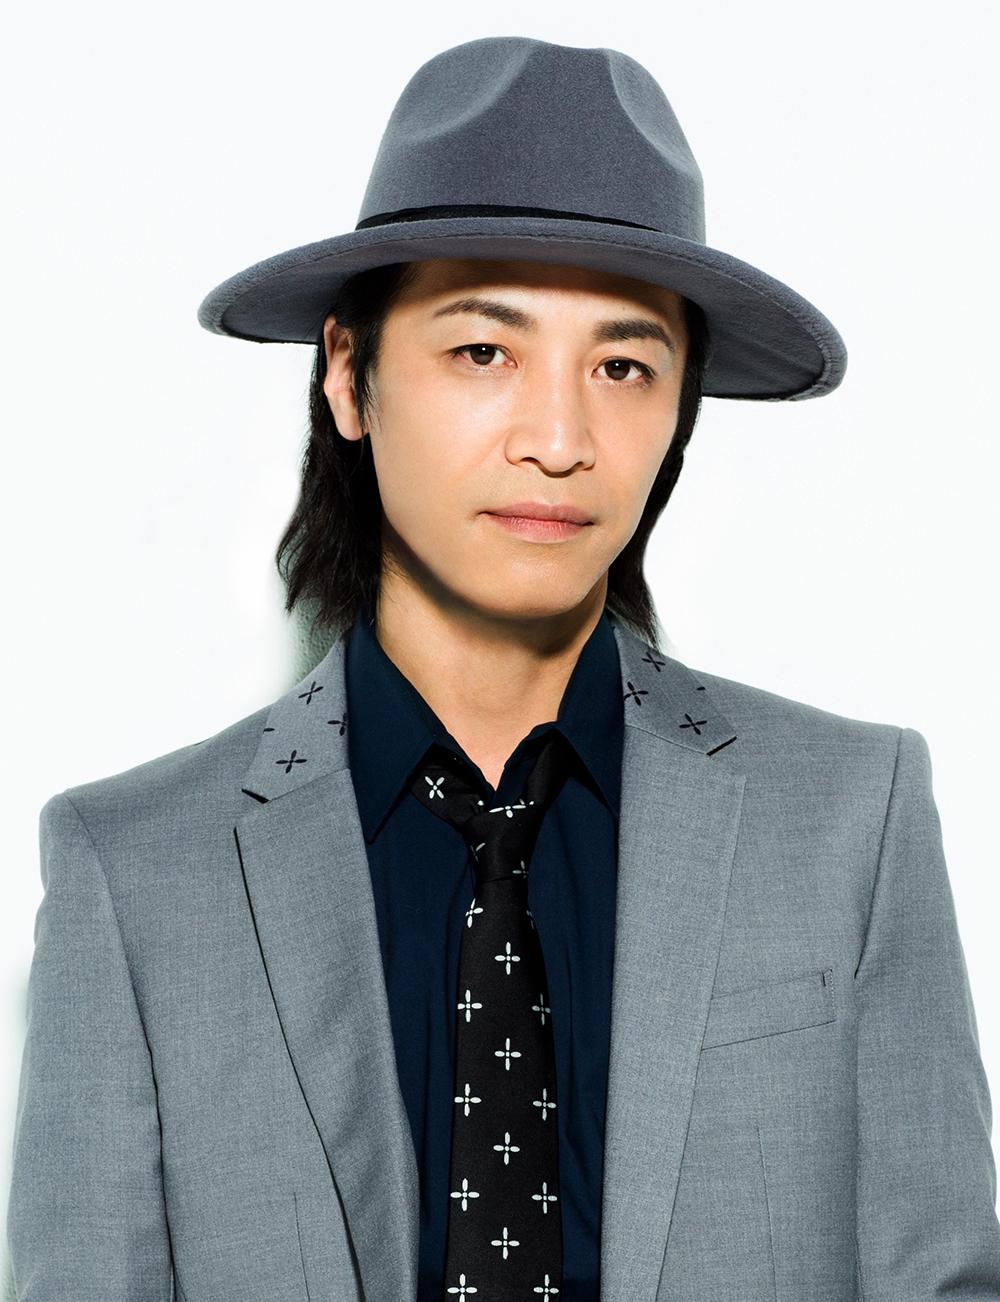 鳥海 浩輔さん(上杉謙信役)